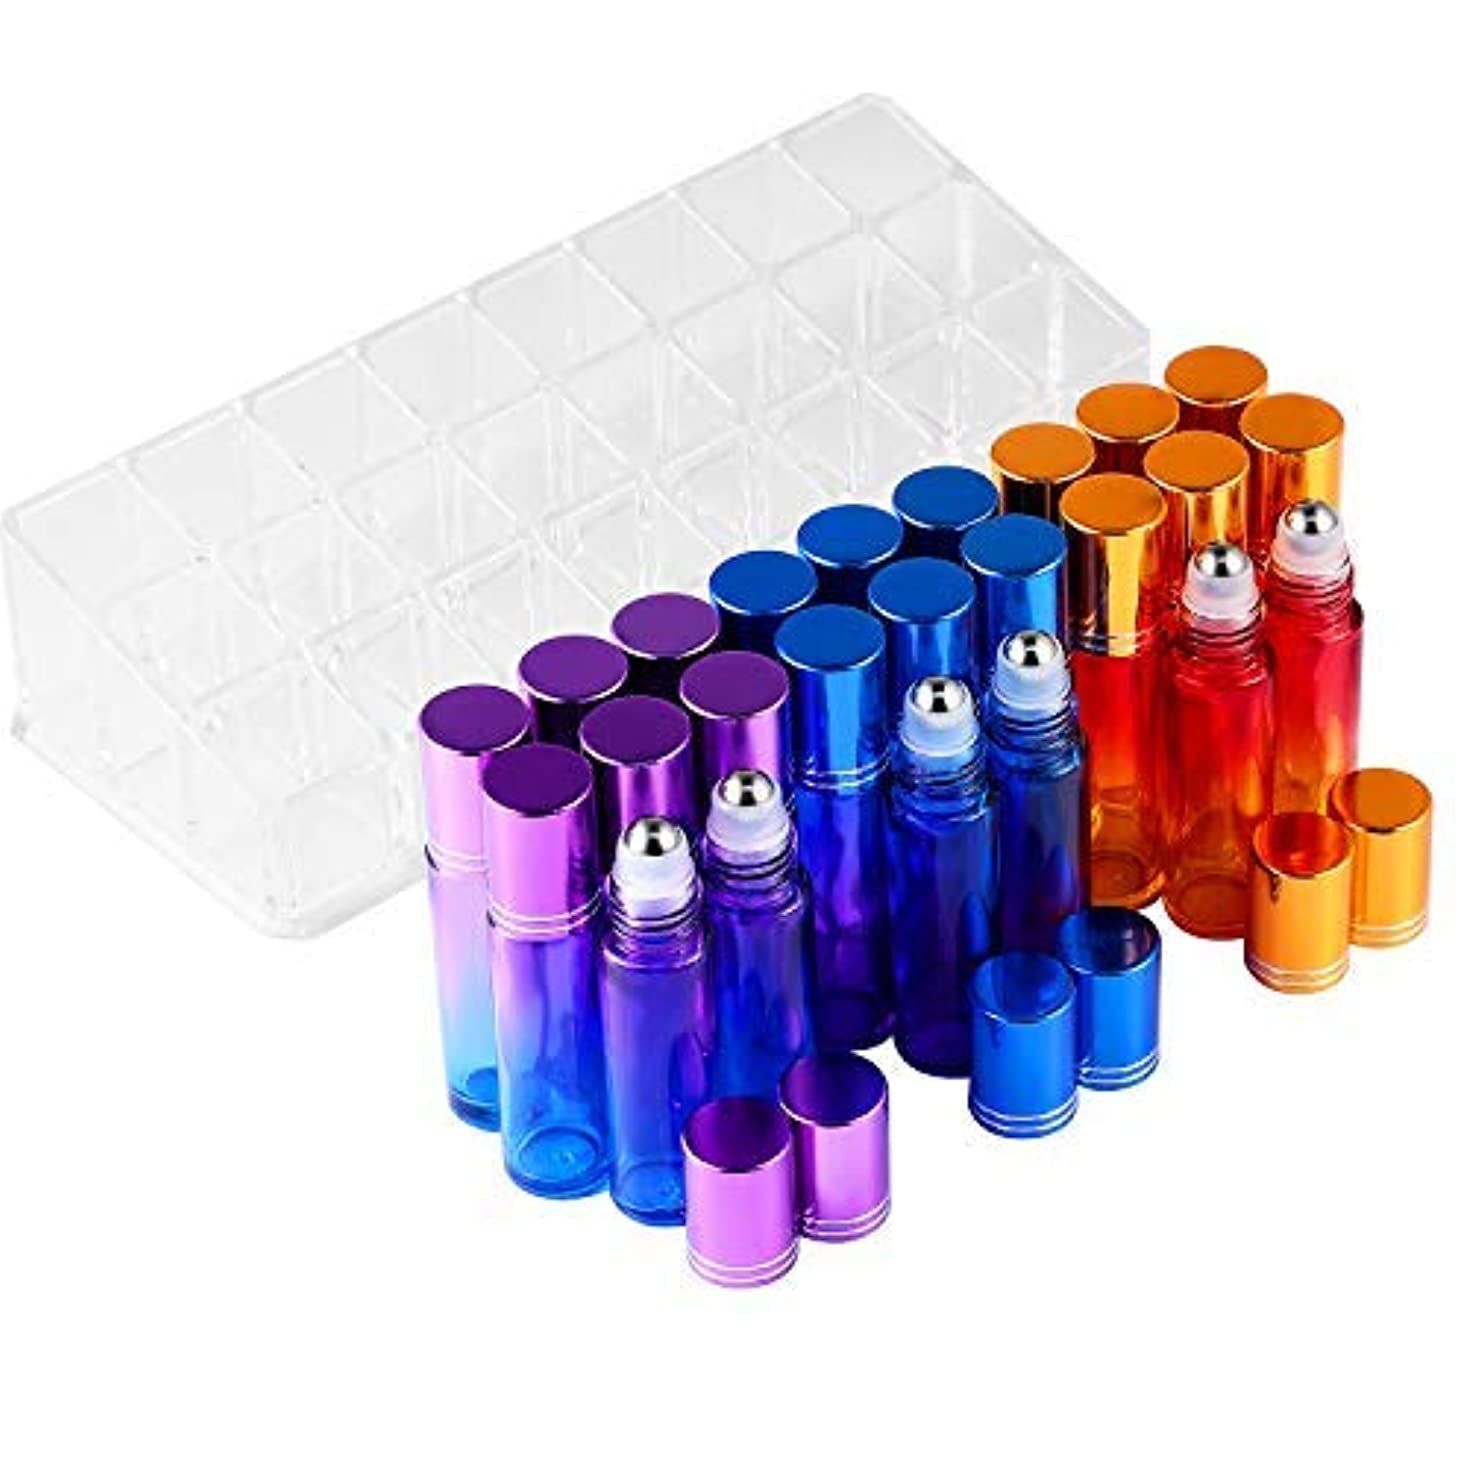 メンバーバックイノセンスEssential Oil Roller Bottles - BEATTYCARE 10ml Refillable Glass Roller Bottle for Essential Oils 24 Pack With...